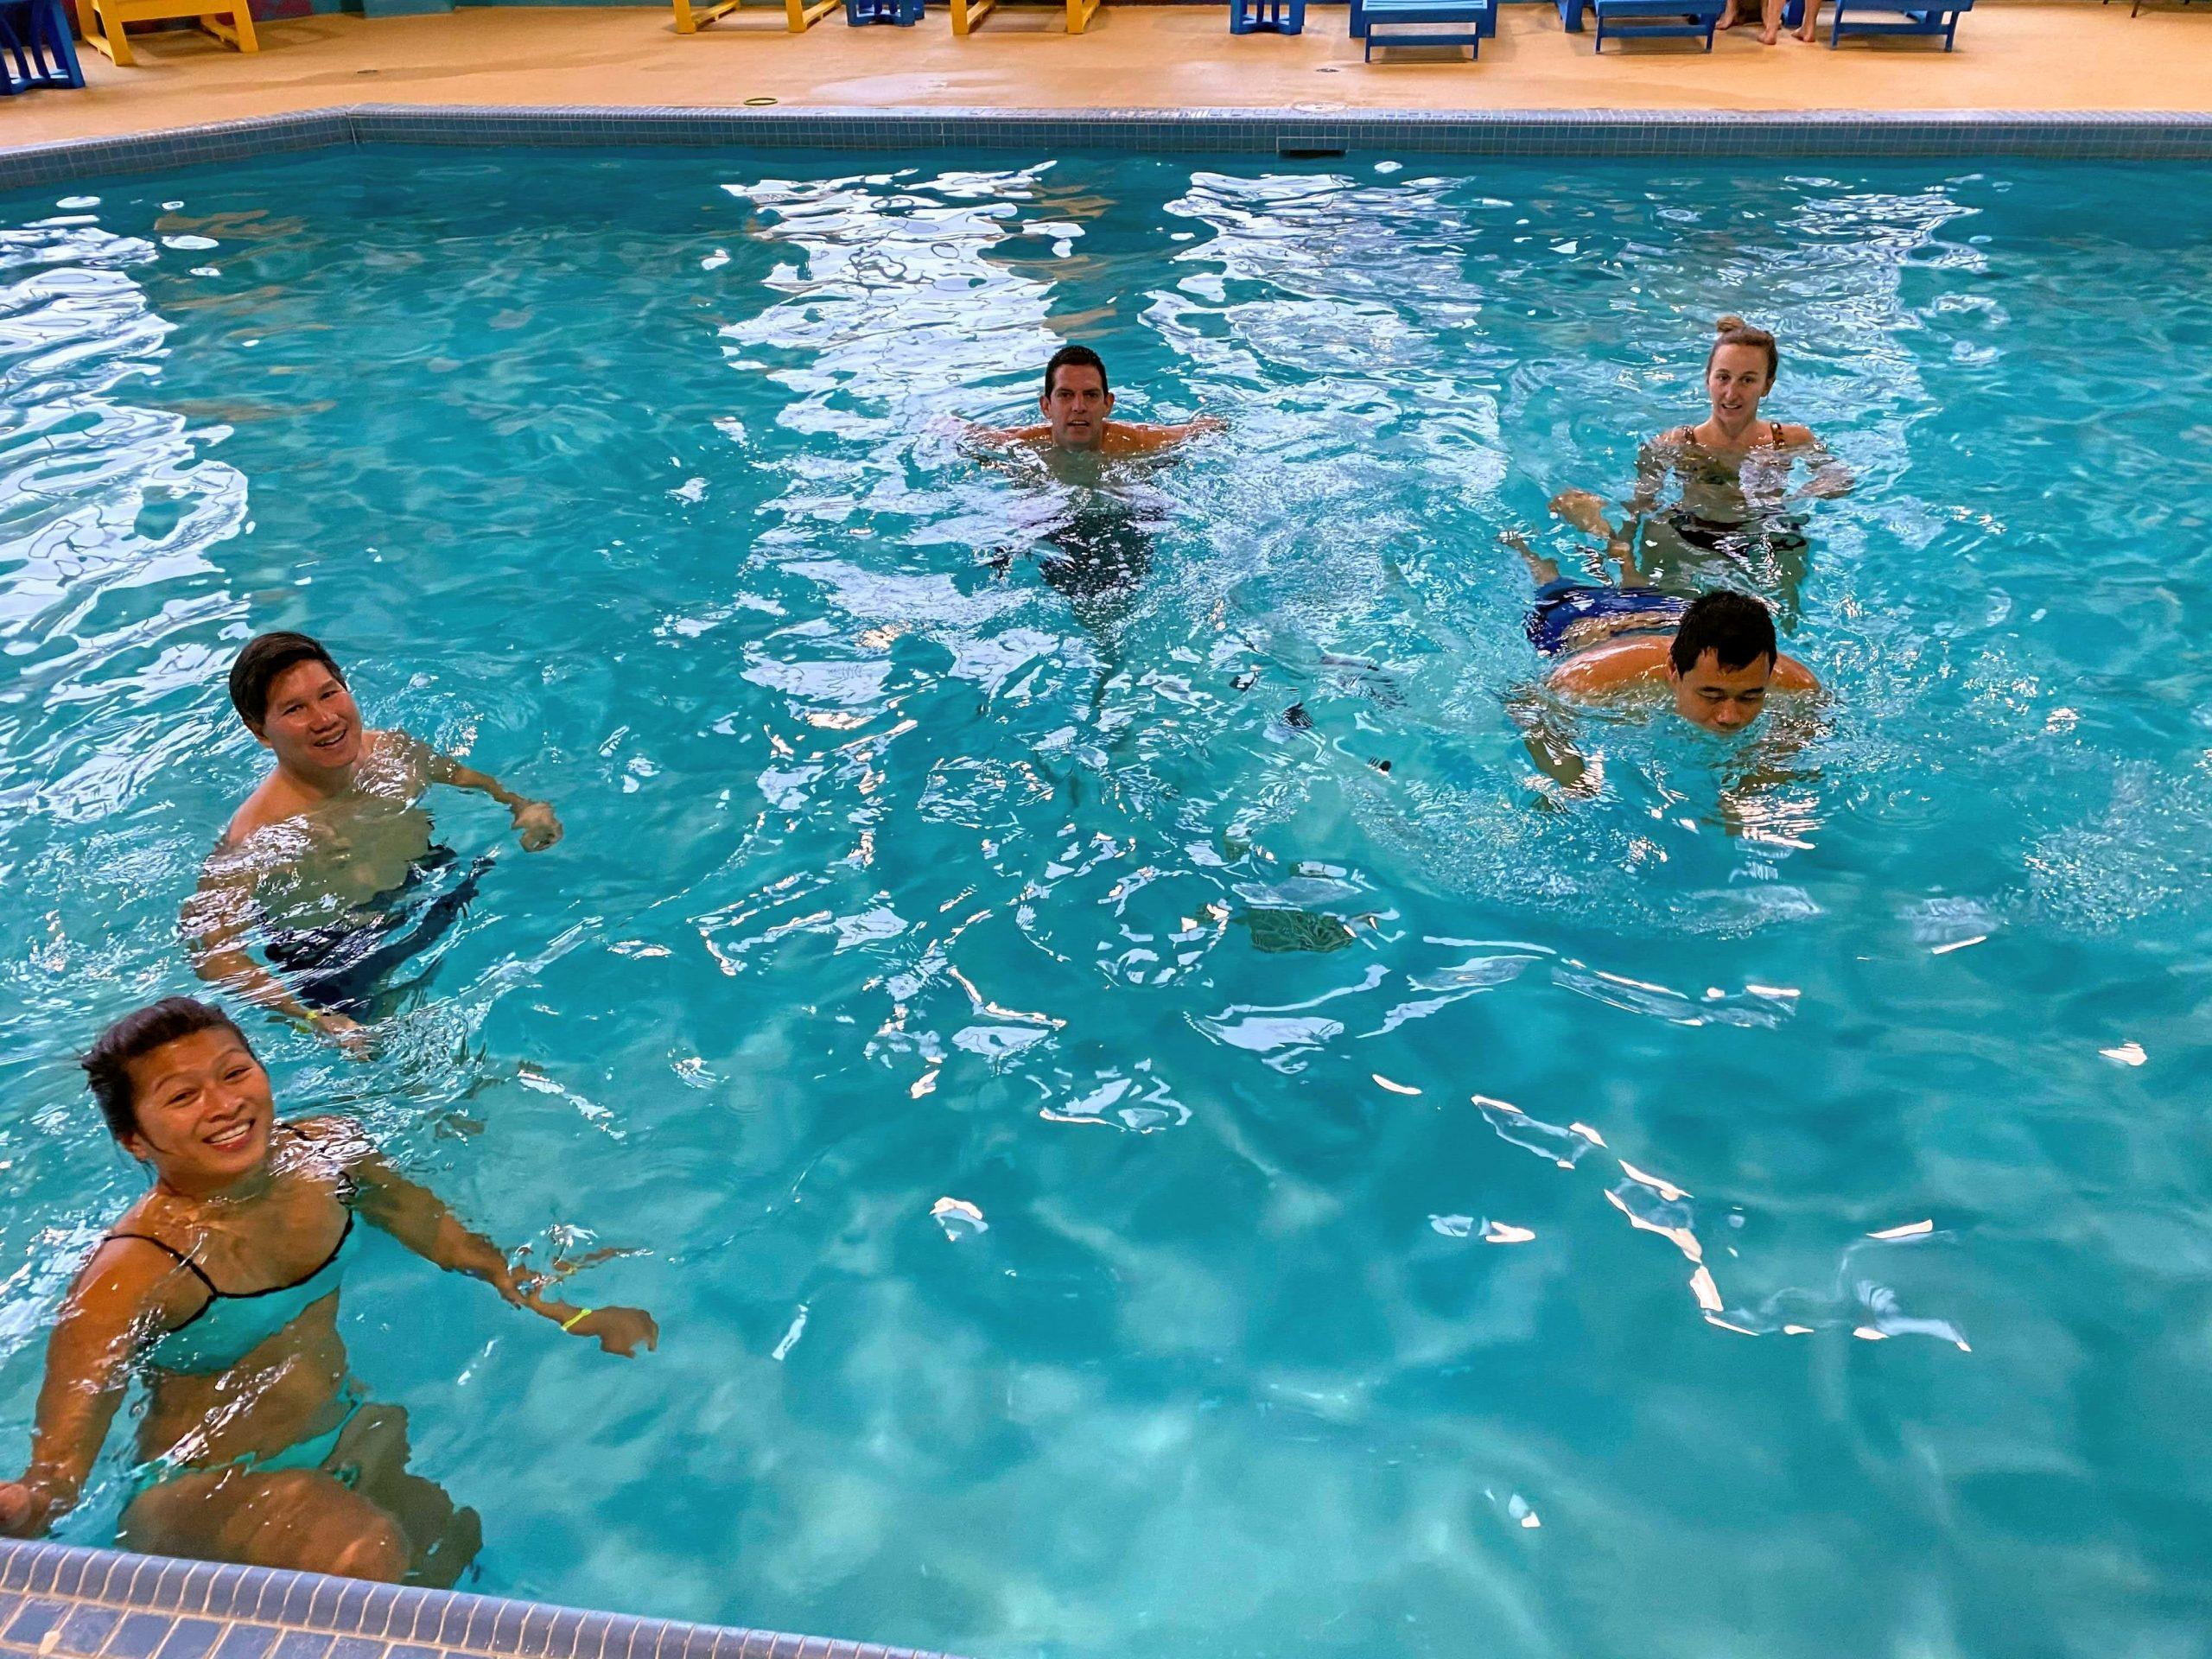 Swimming at Deerhurst Resort